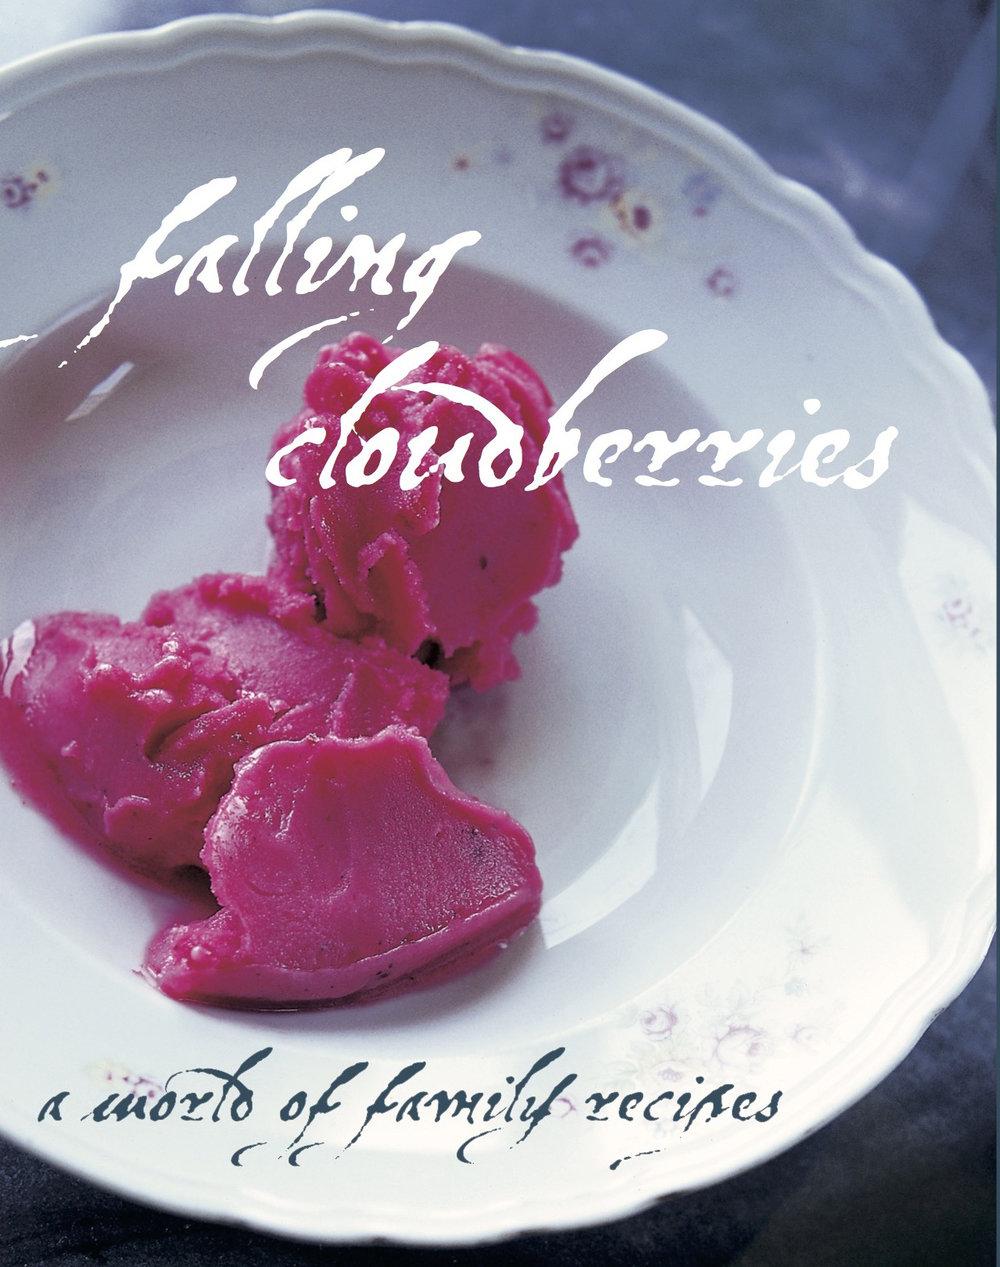 Murdoch - Falling Cloudberries - 9781740453646.jpg